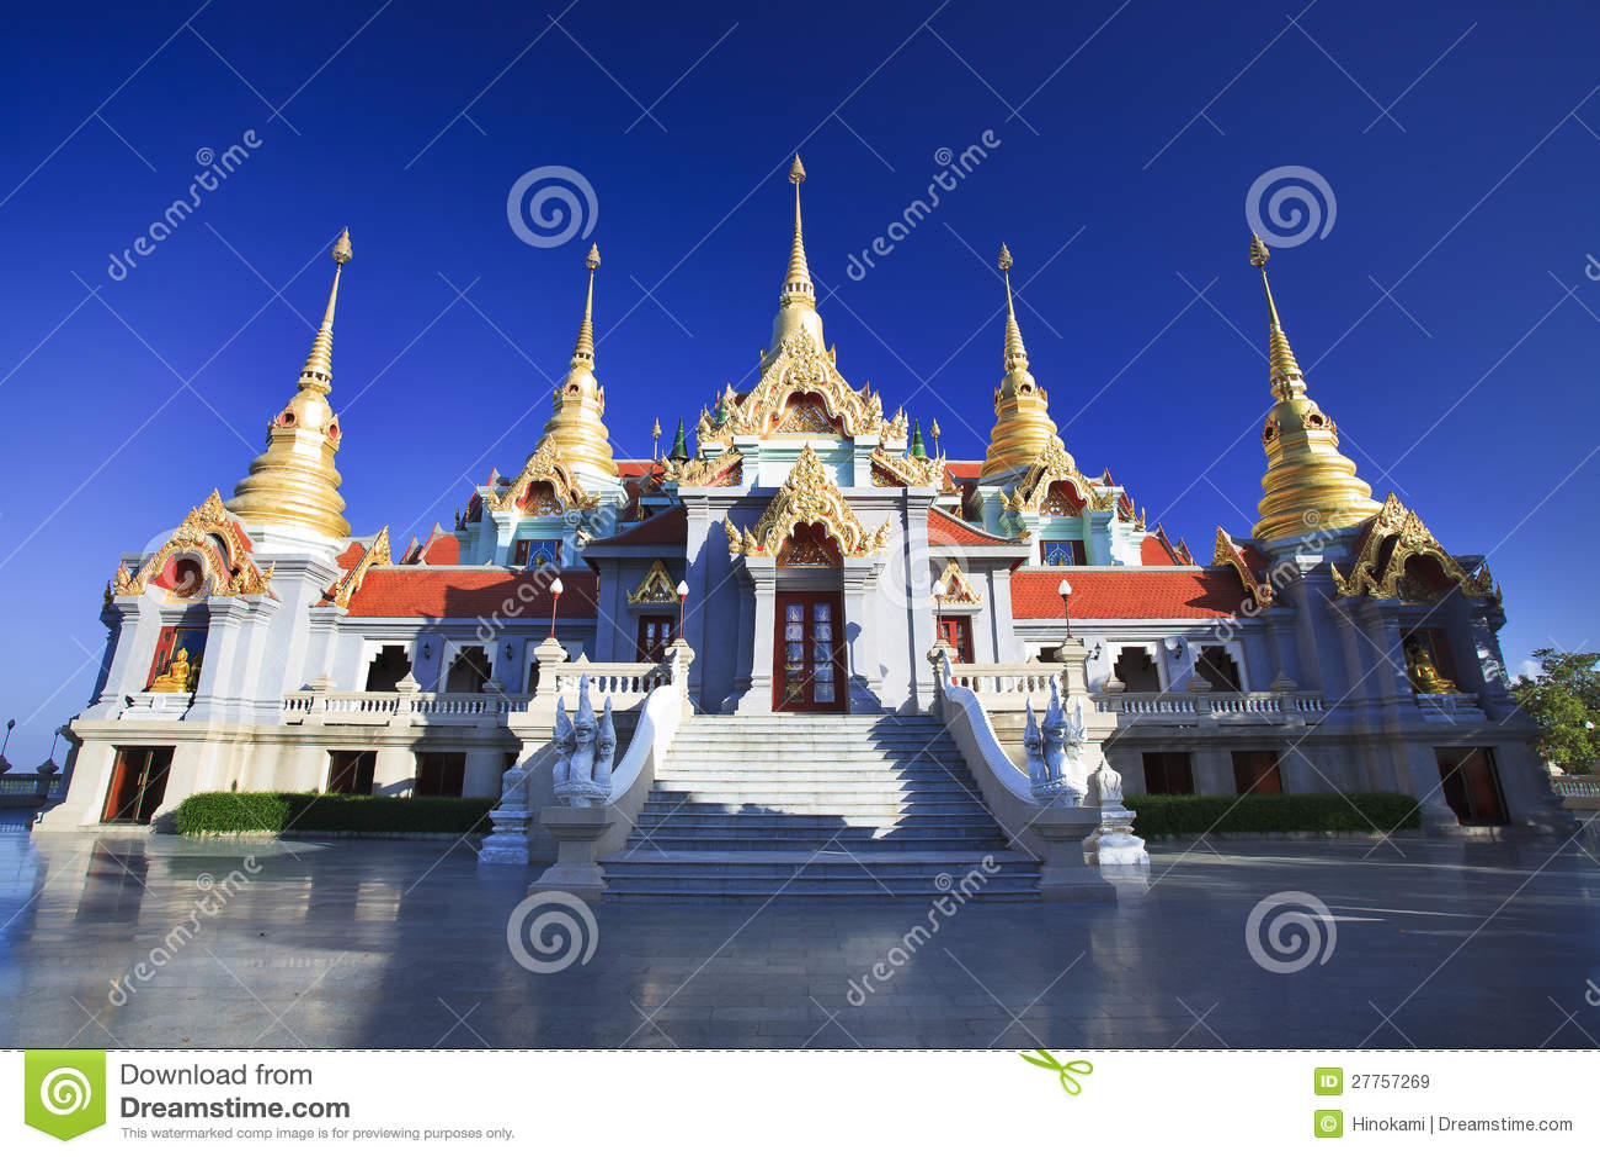 Wat Tang Sai